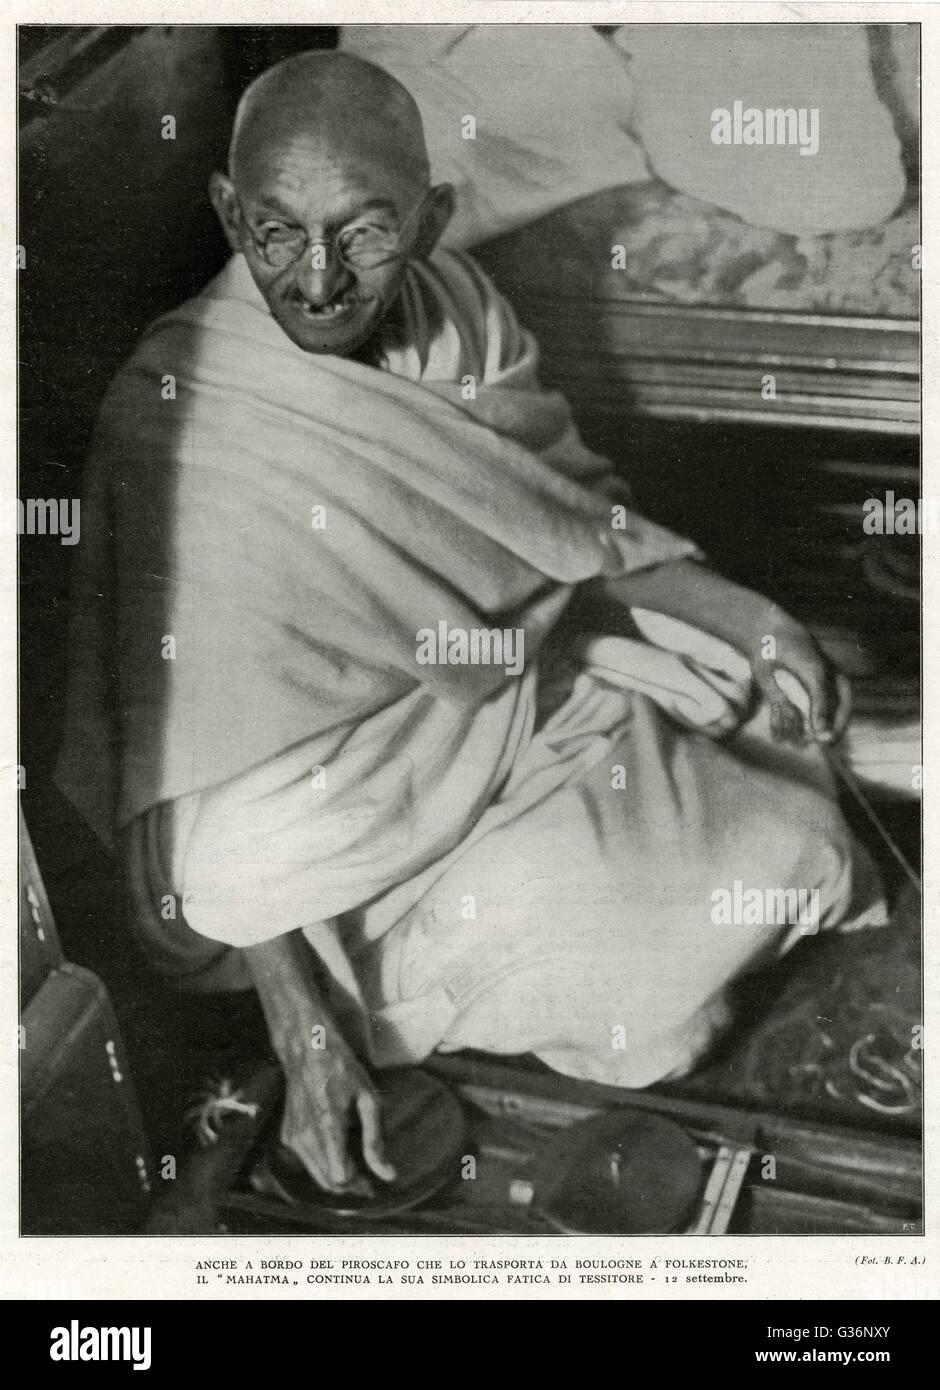 Il Mahatma Gandhi, nazionalista indiano e leader spirituale, barca a vela da Boulogne a Folkestone il 12 settembre Immagini Stock